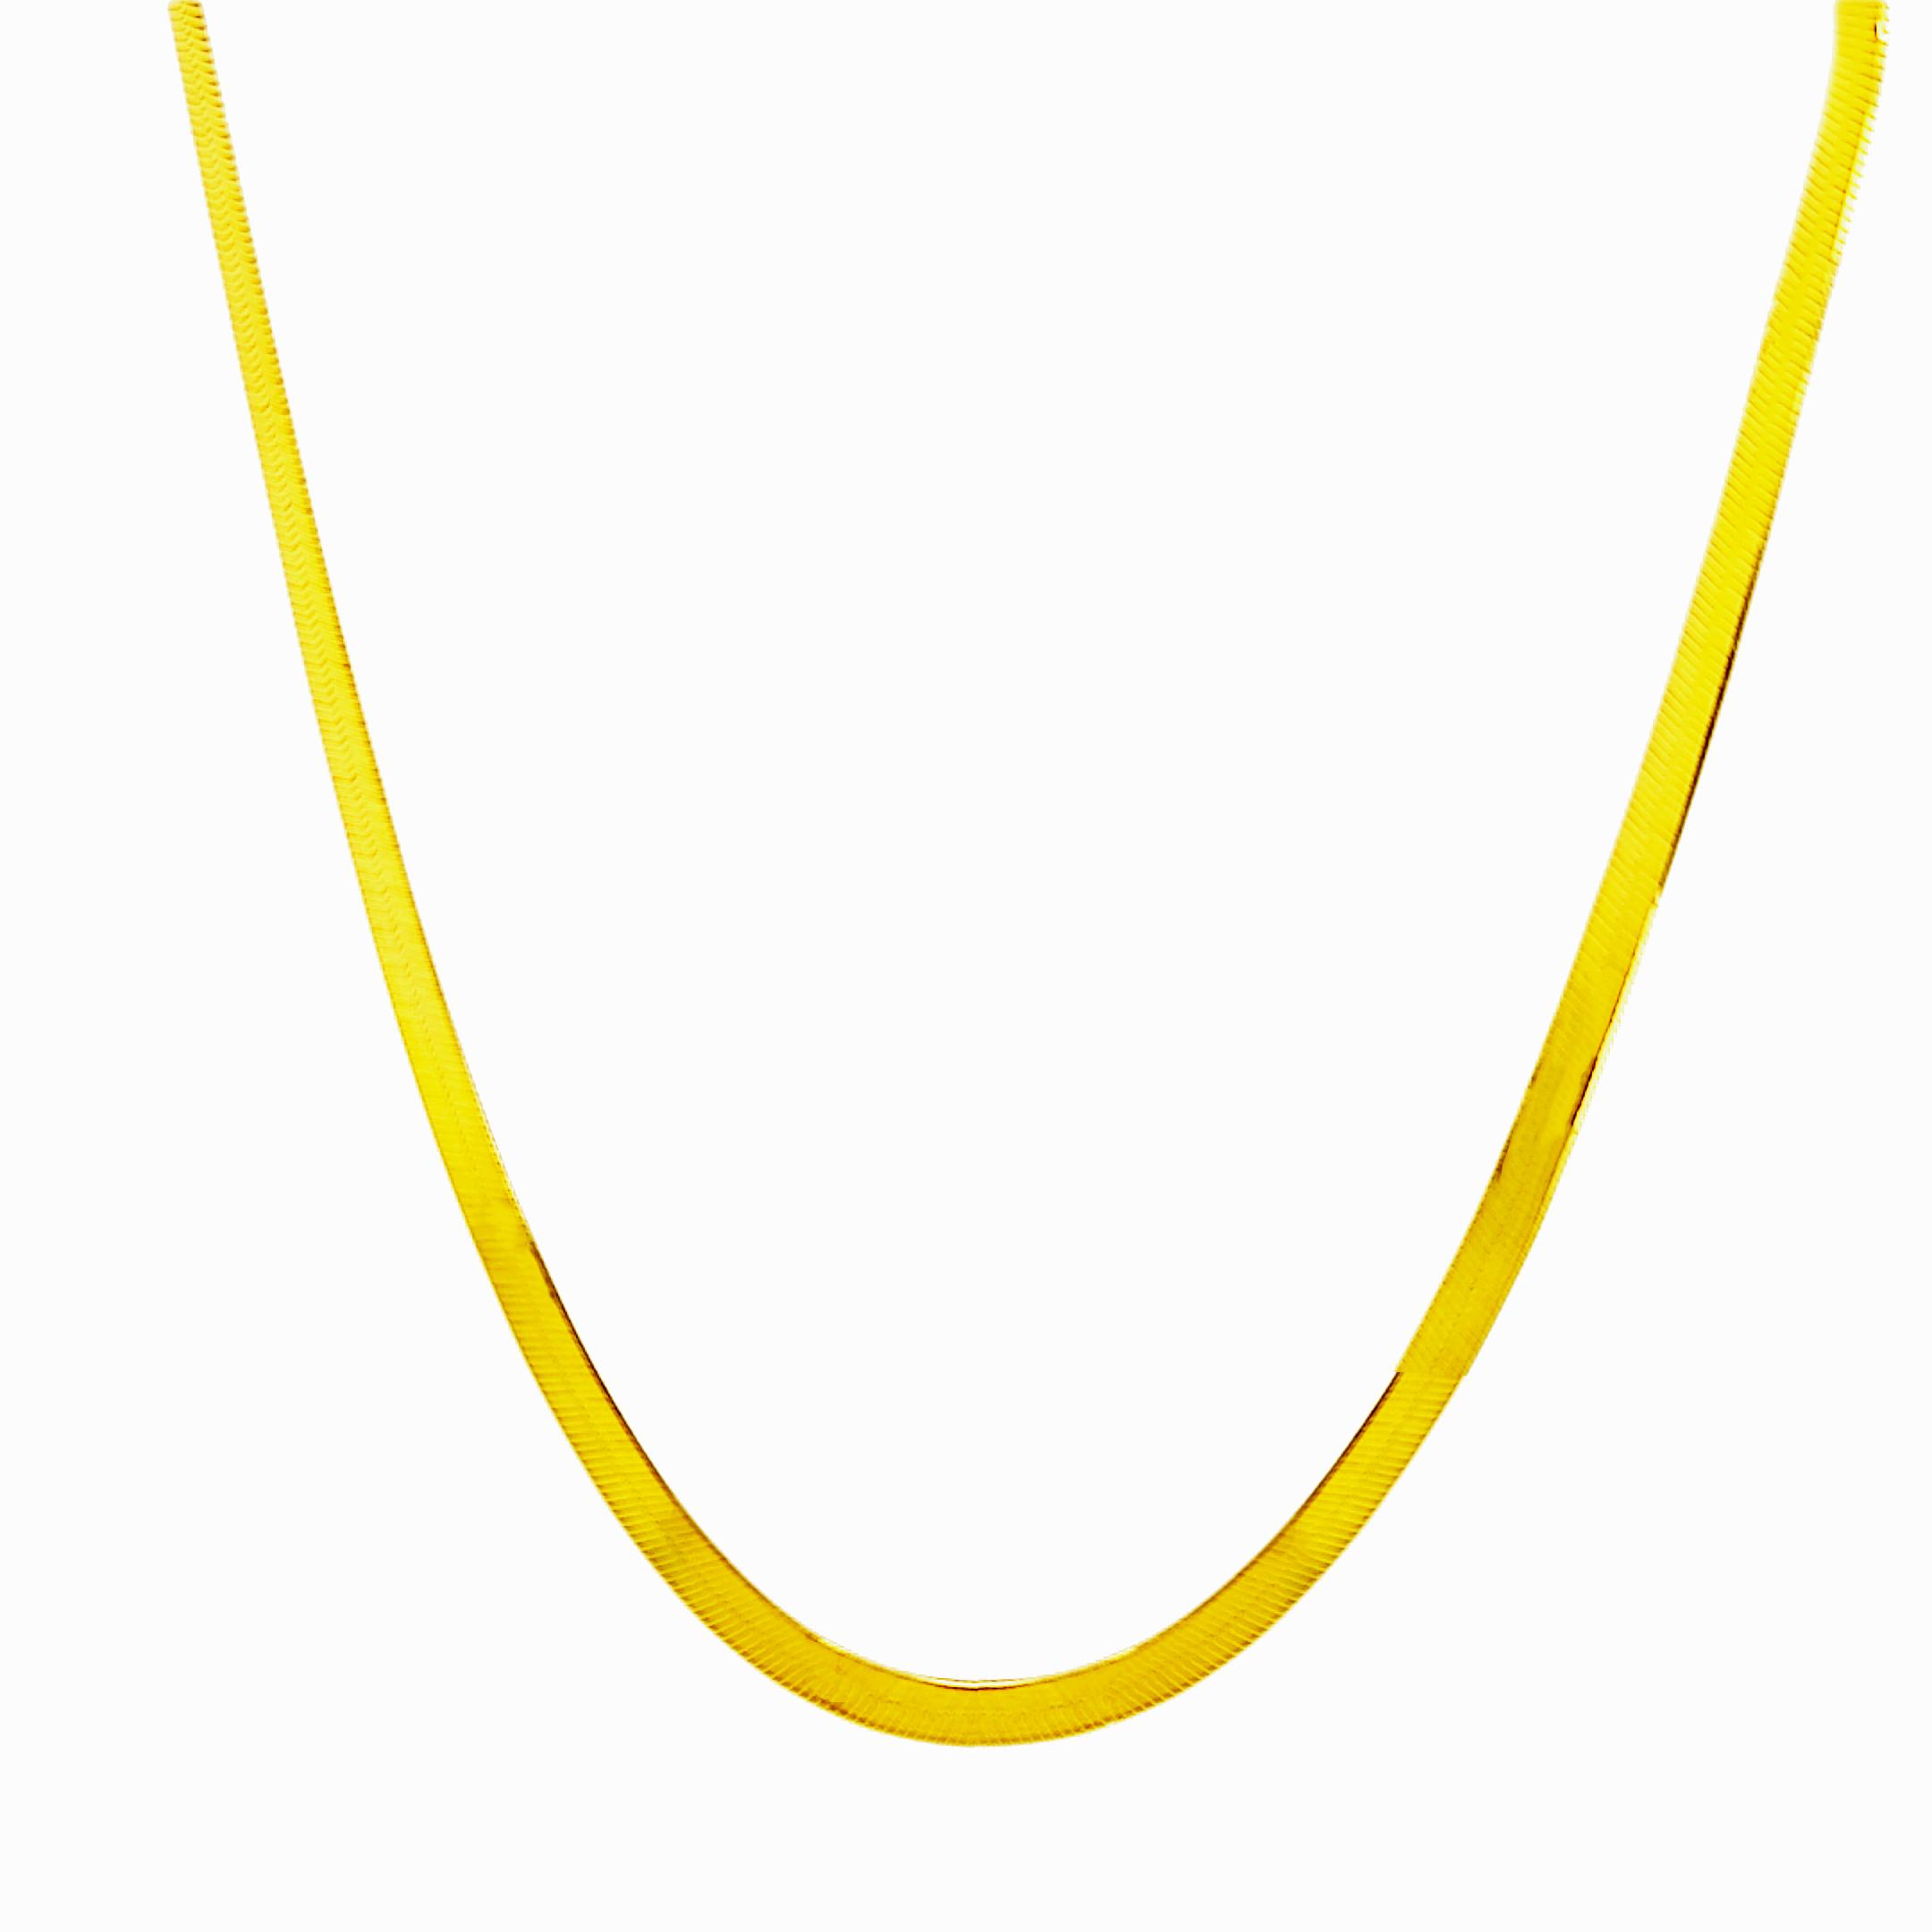 Κολιέ σε ασήμι αλυσίδα - Πλάτος αλυσίδας 3.5mm